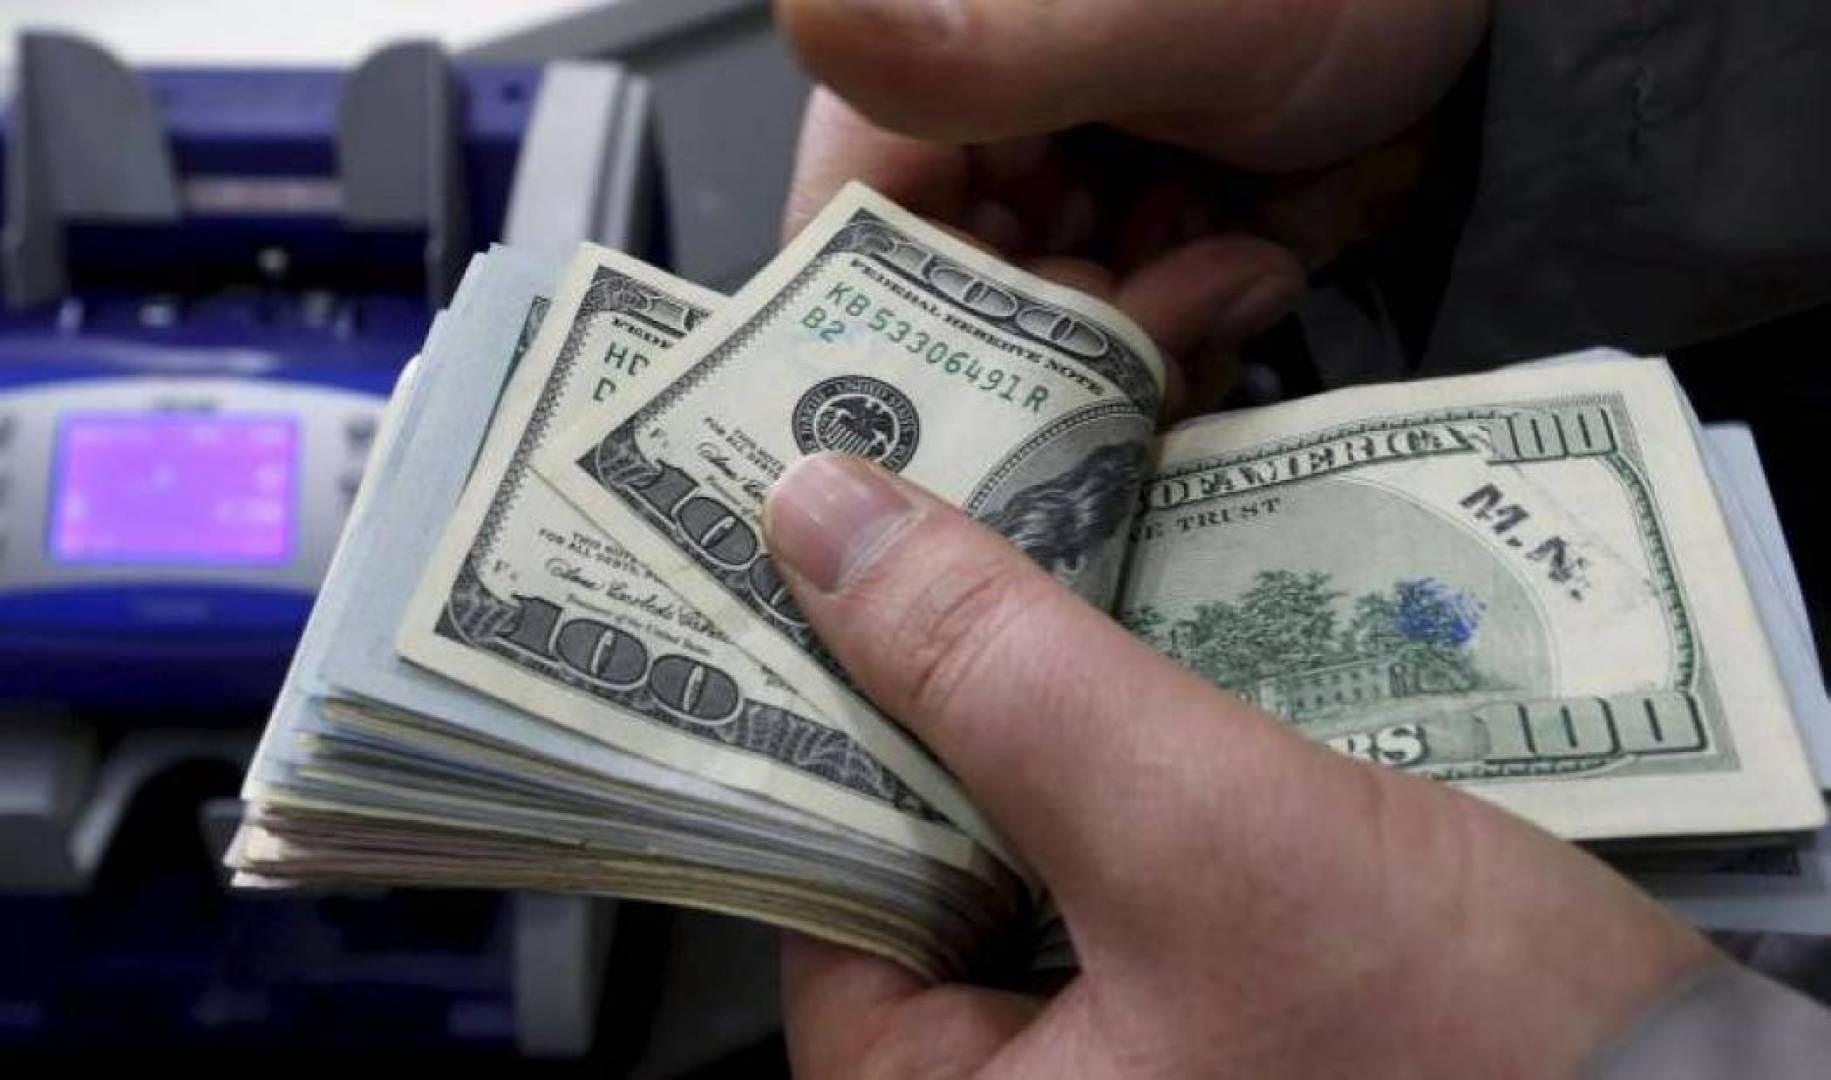 تعرف على سعر الليرة اللبنانية مقابل الدولار سعر الدولار في لبنان في السوق السوداء اليوم الخميس 28 5 2020 سعر اليورو في لبنان موقع إضاءات الإخباري